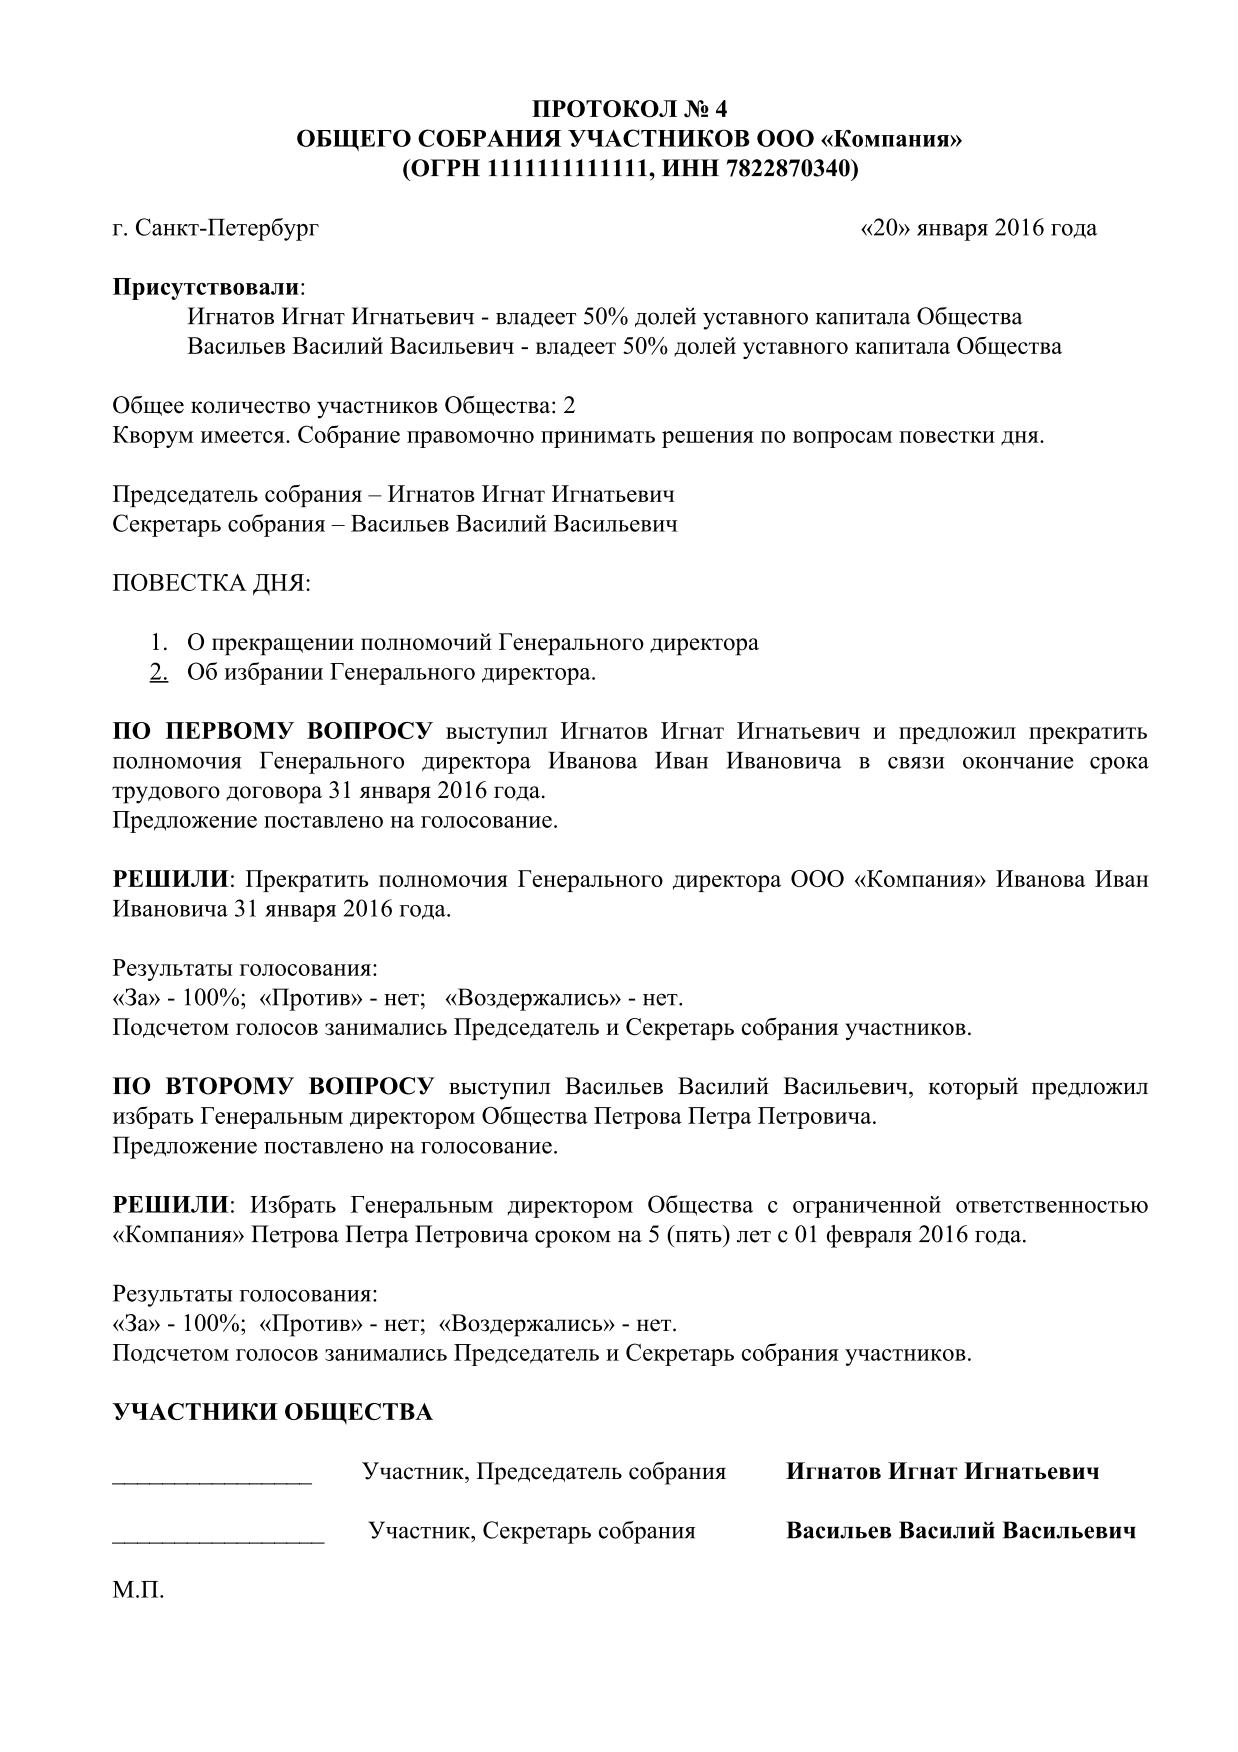 Образец протокола общего собрания участников ООО картинки